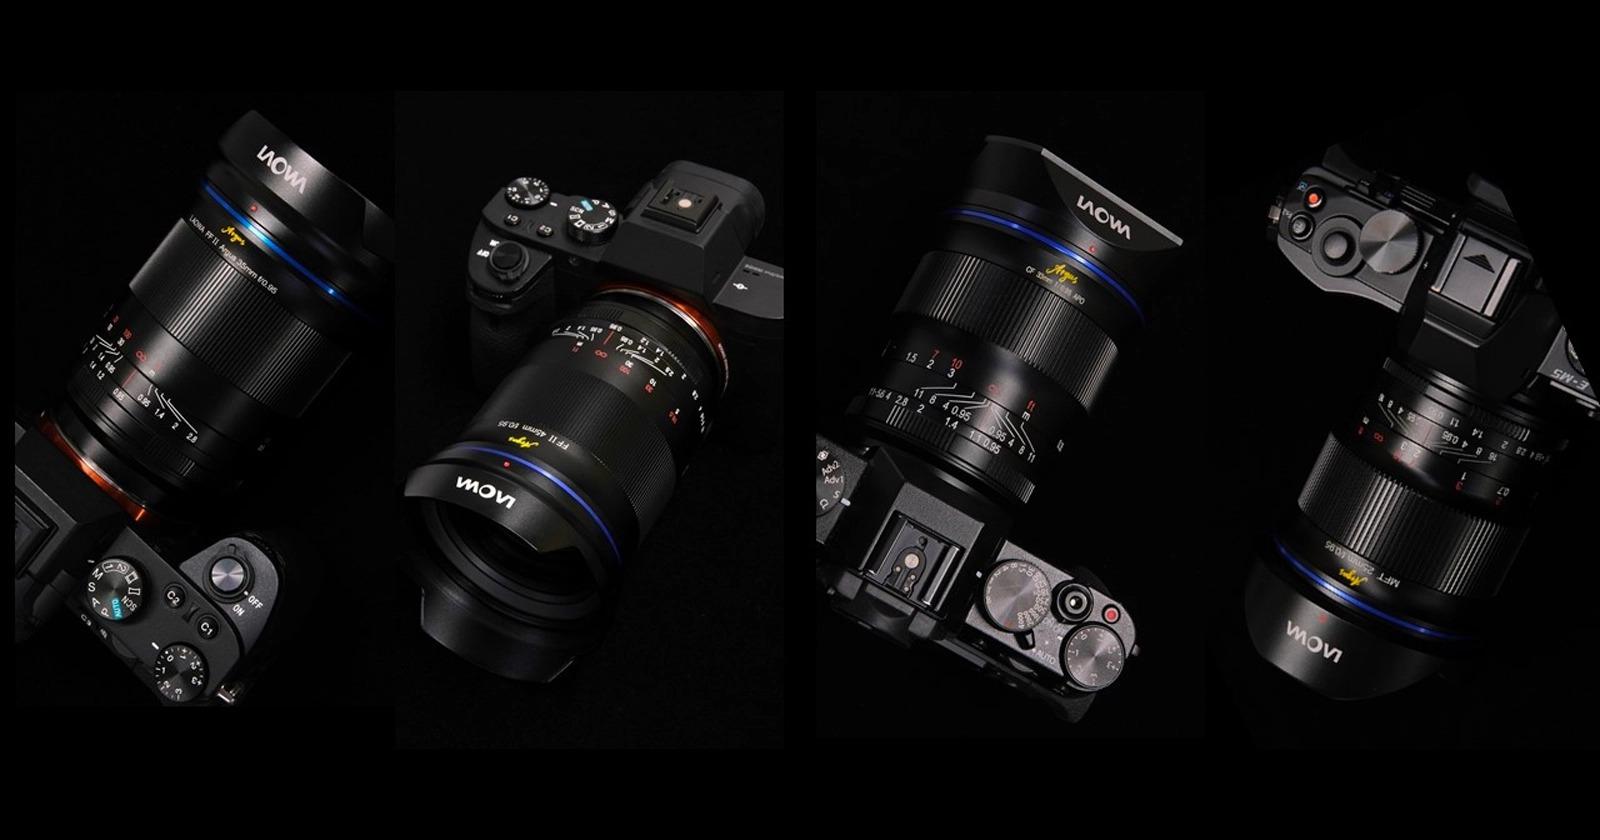 Laowa ra mắt loạt ống kính lấy nét tay mới cho full frame và APS-C